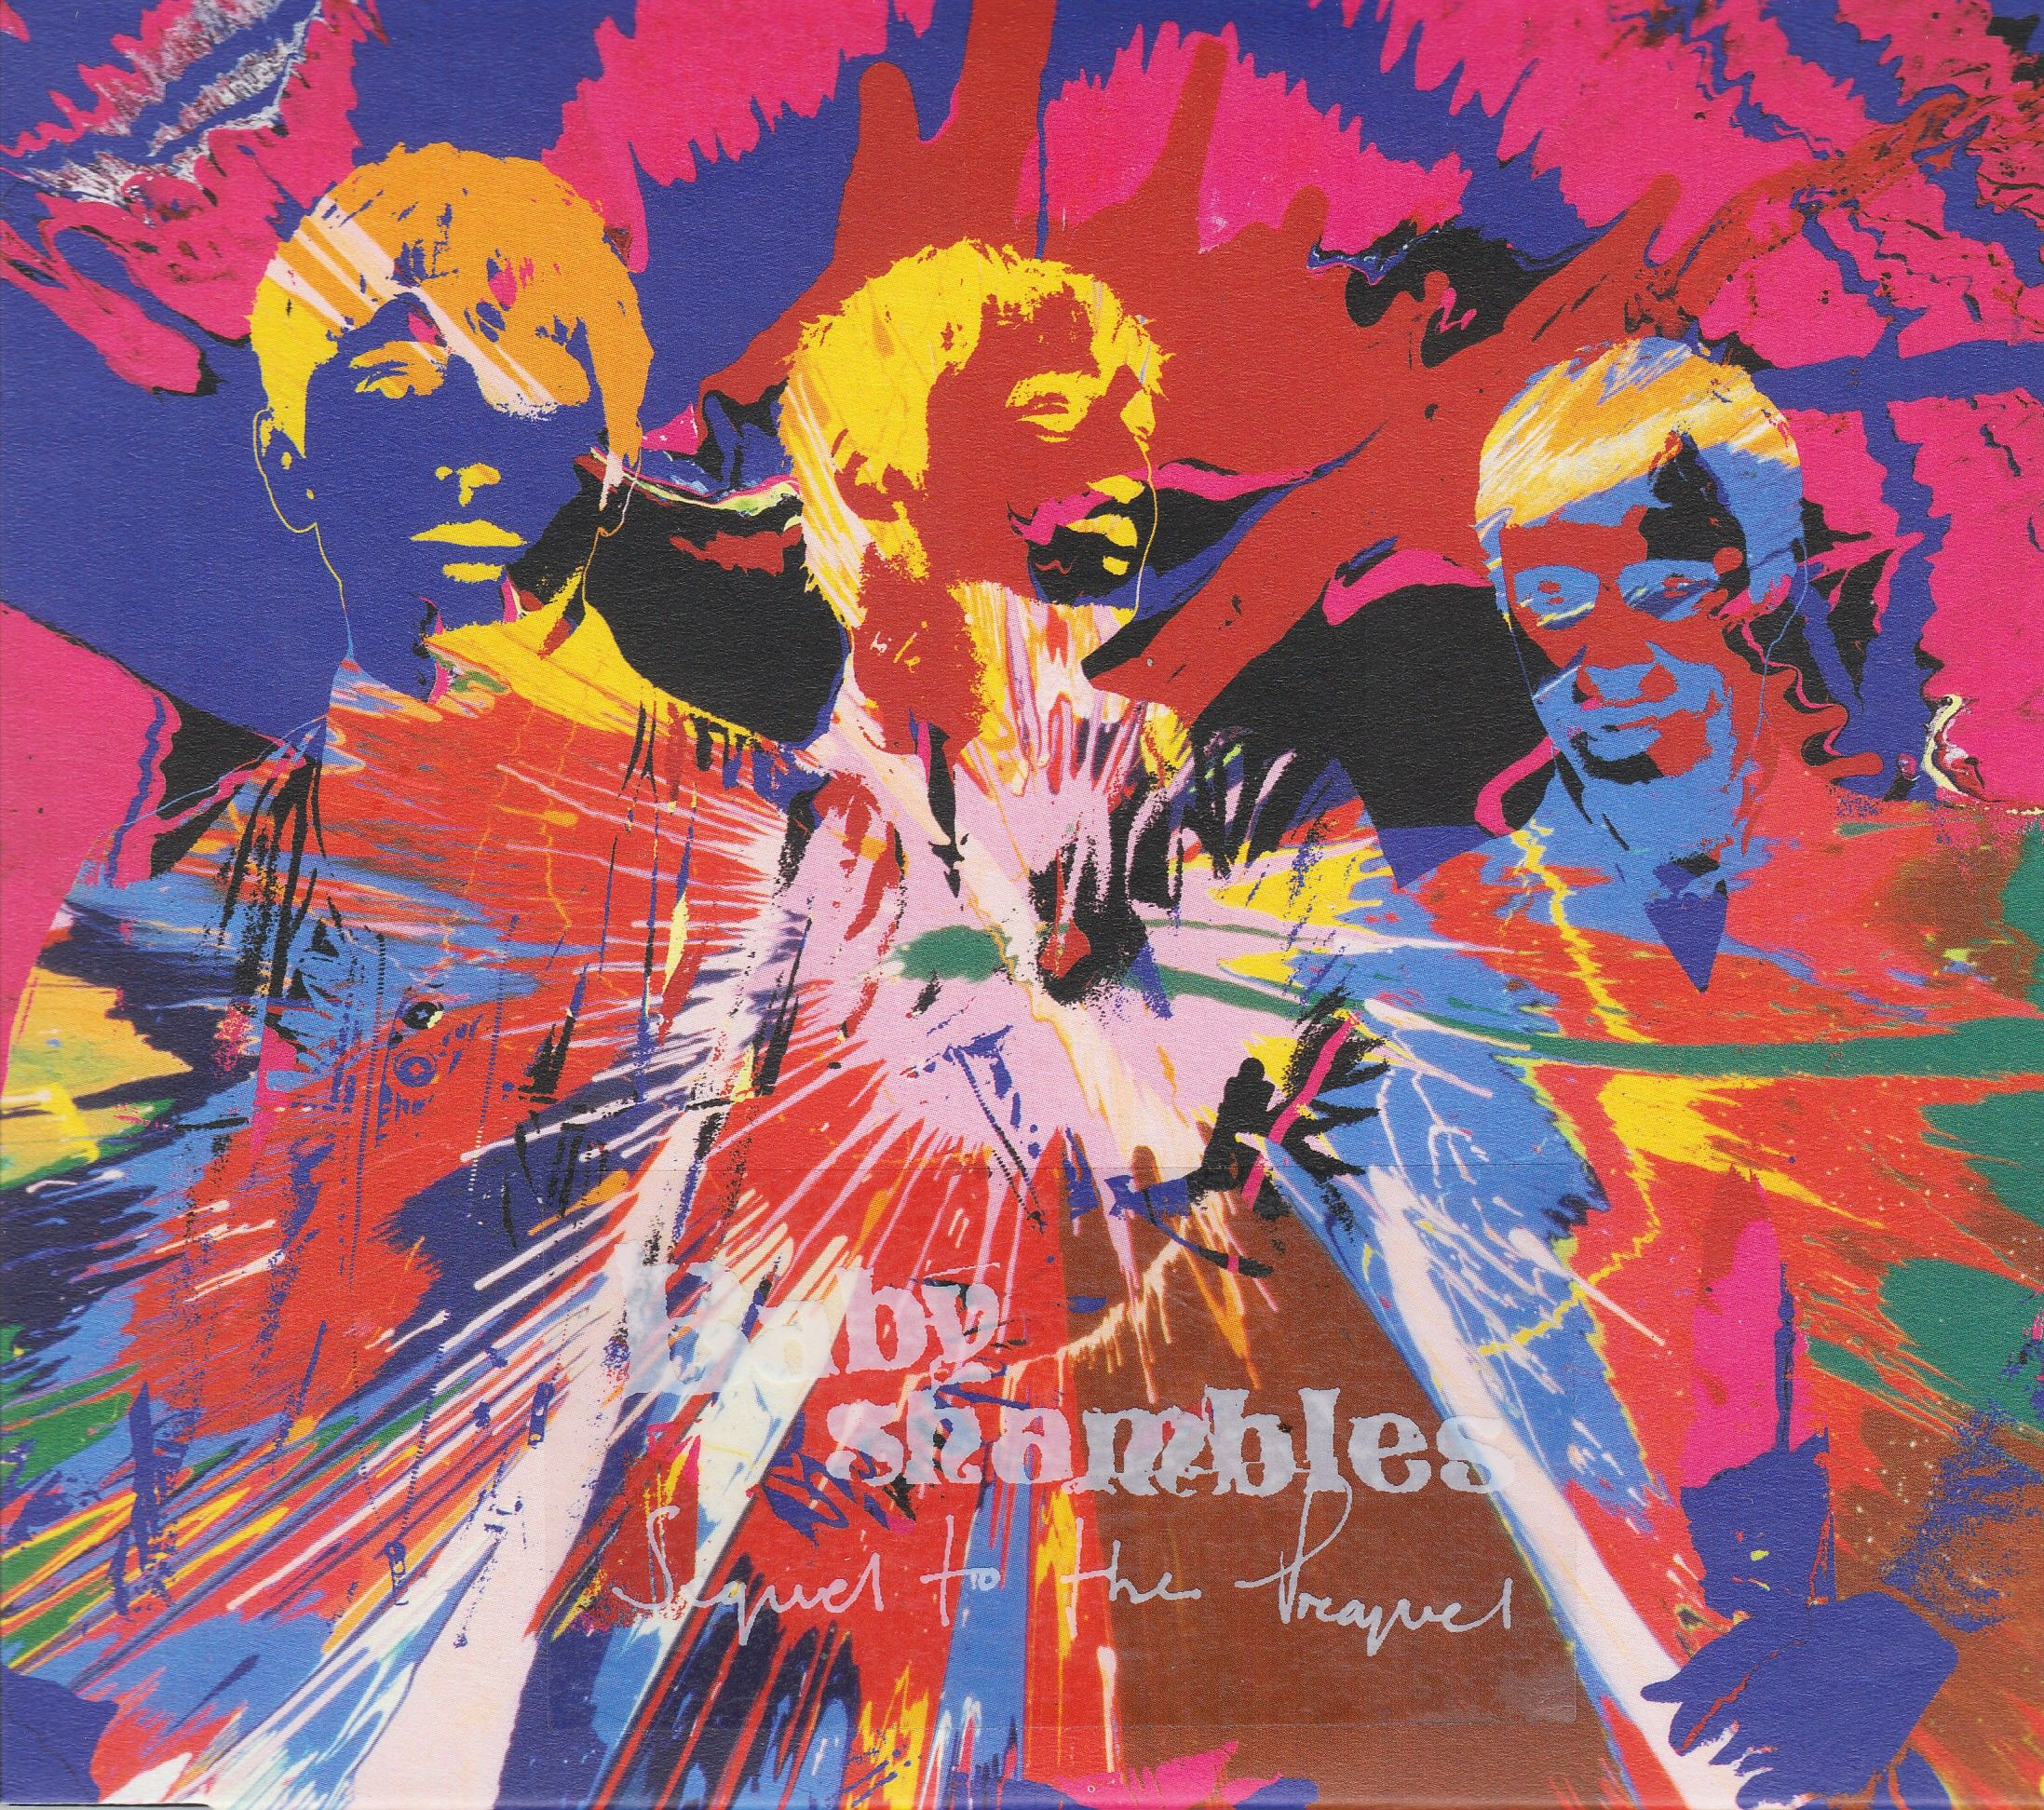 Babyshambles - Sequel To The Prequel album cover